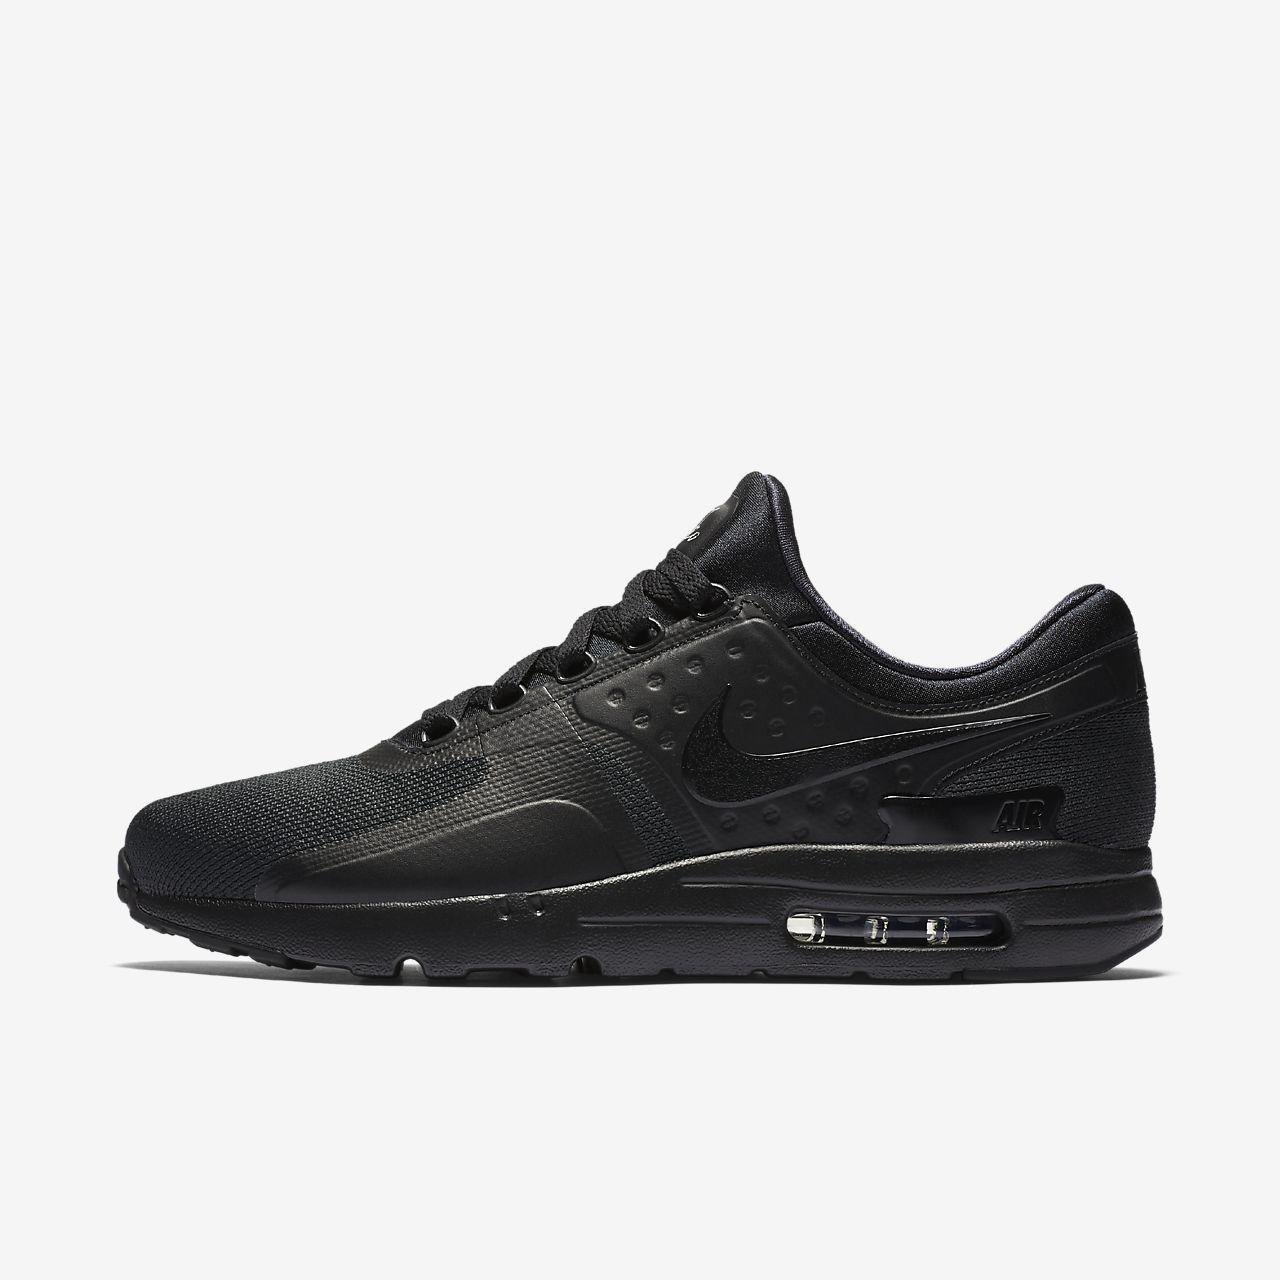 Nike Air Max 1 Erkekler Popüler Ayakkabı Gri Siyah Sıfır Kâr